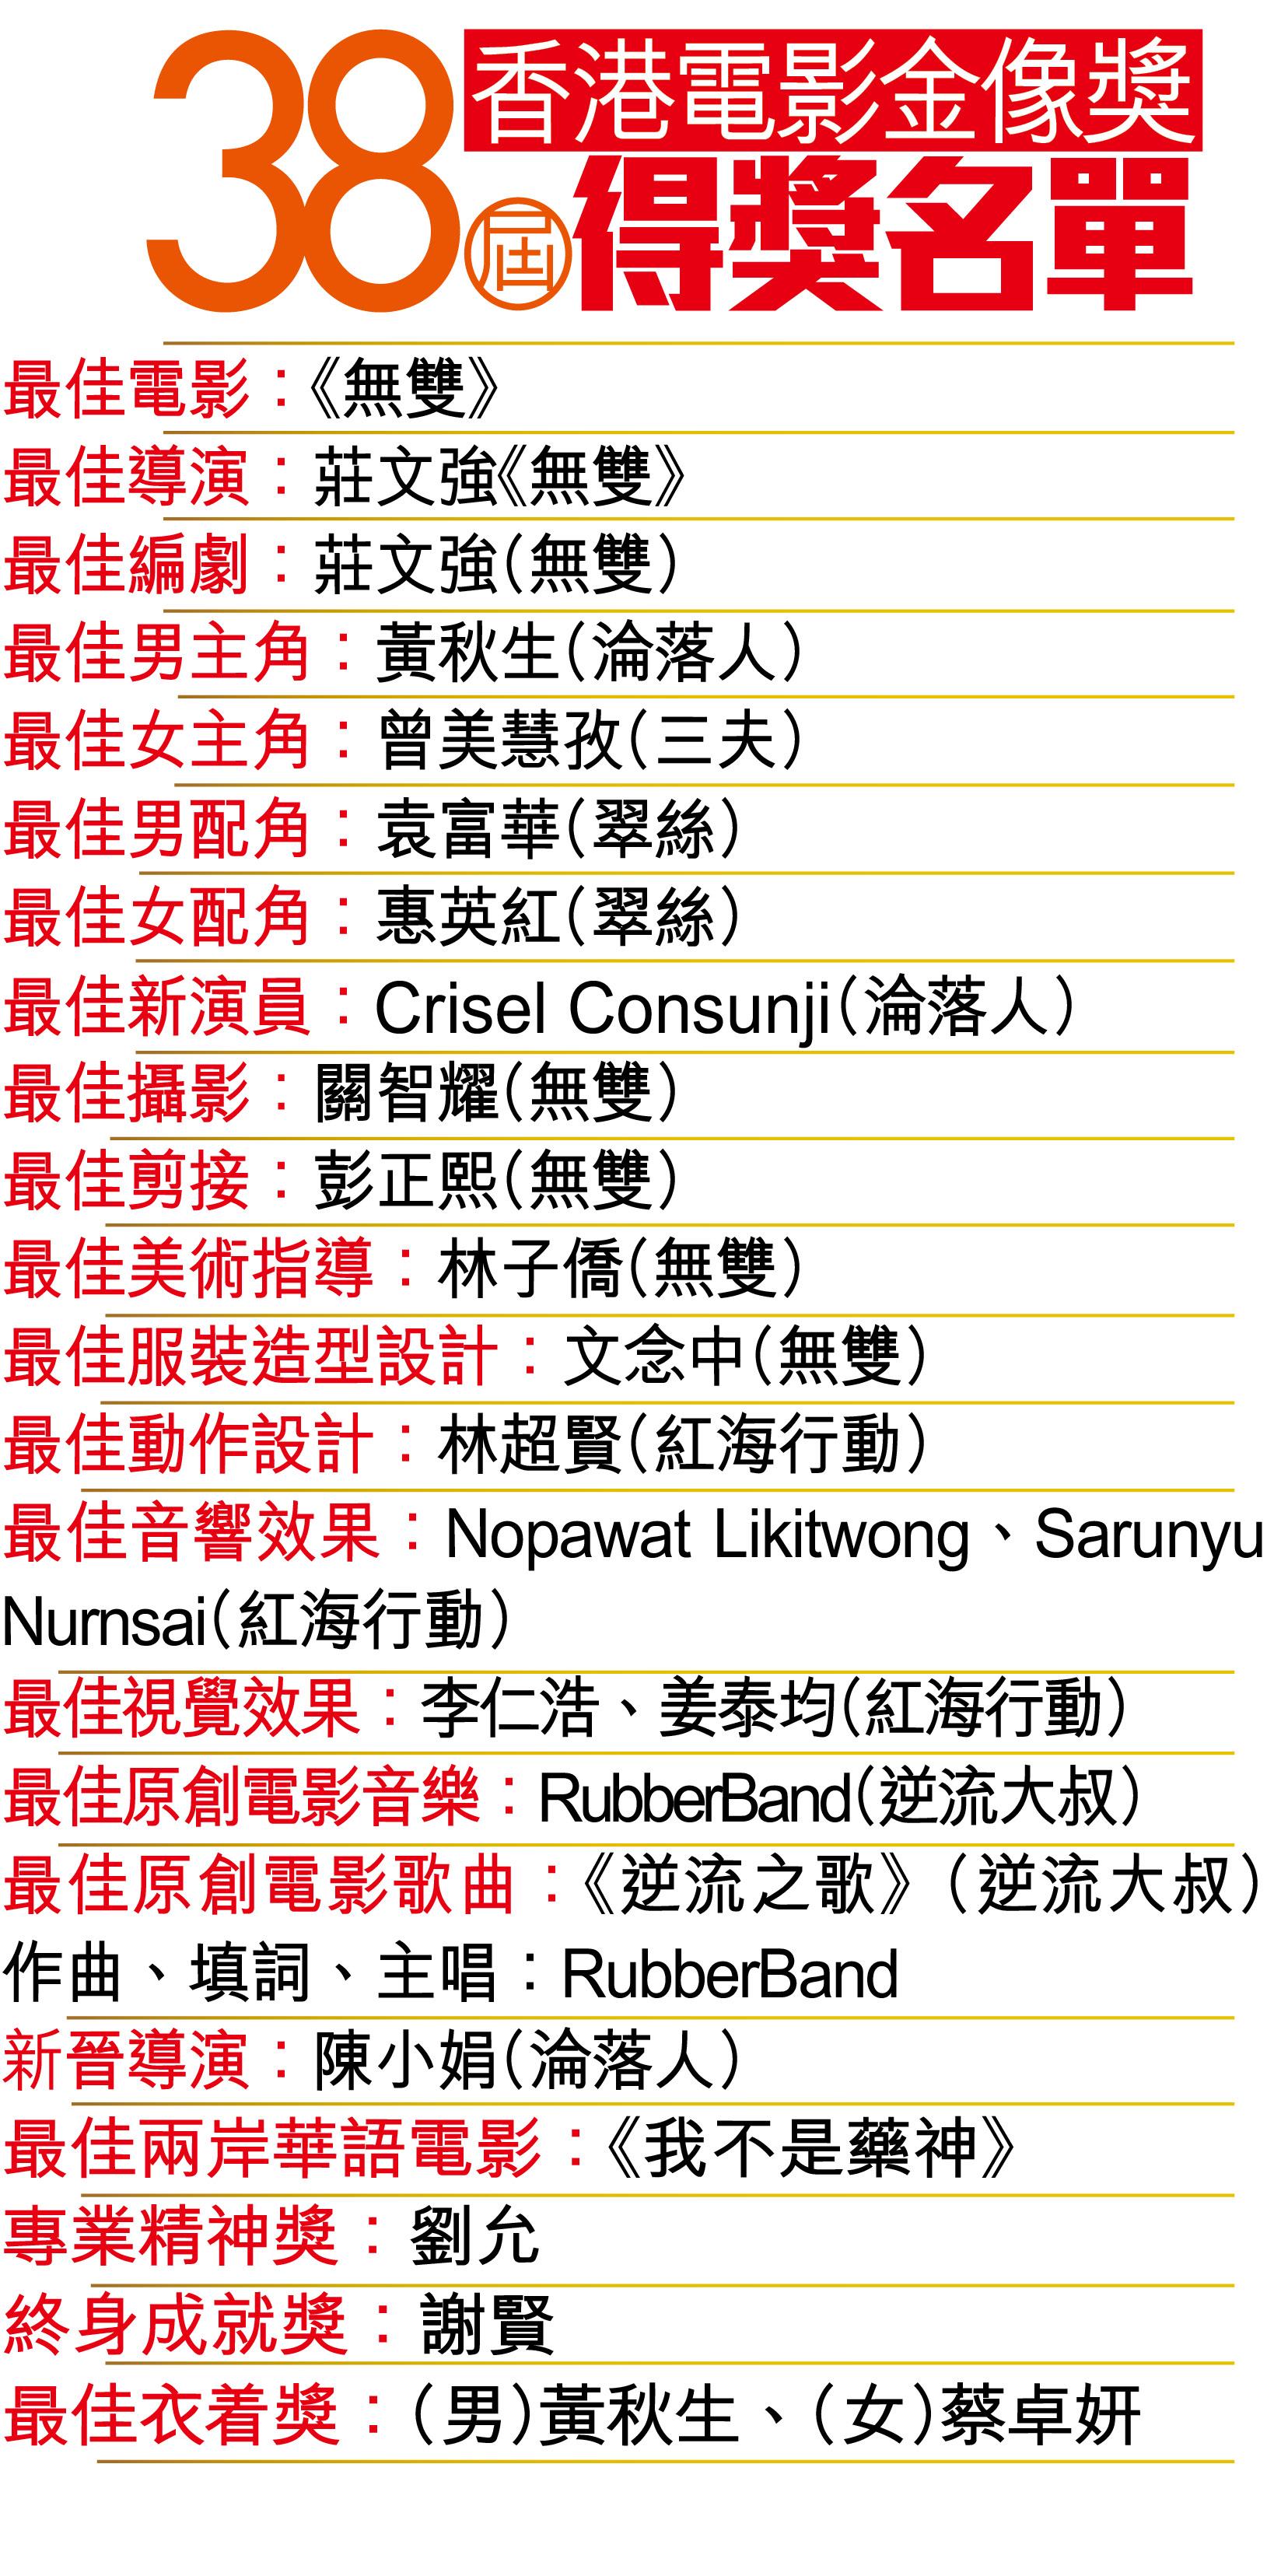 38屆香港電影金像獎得獎名單